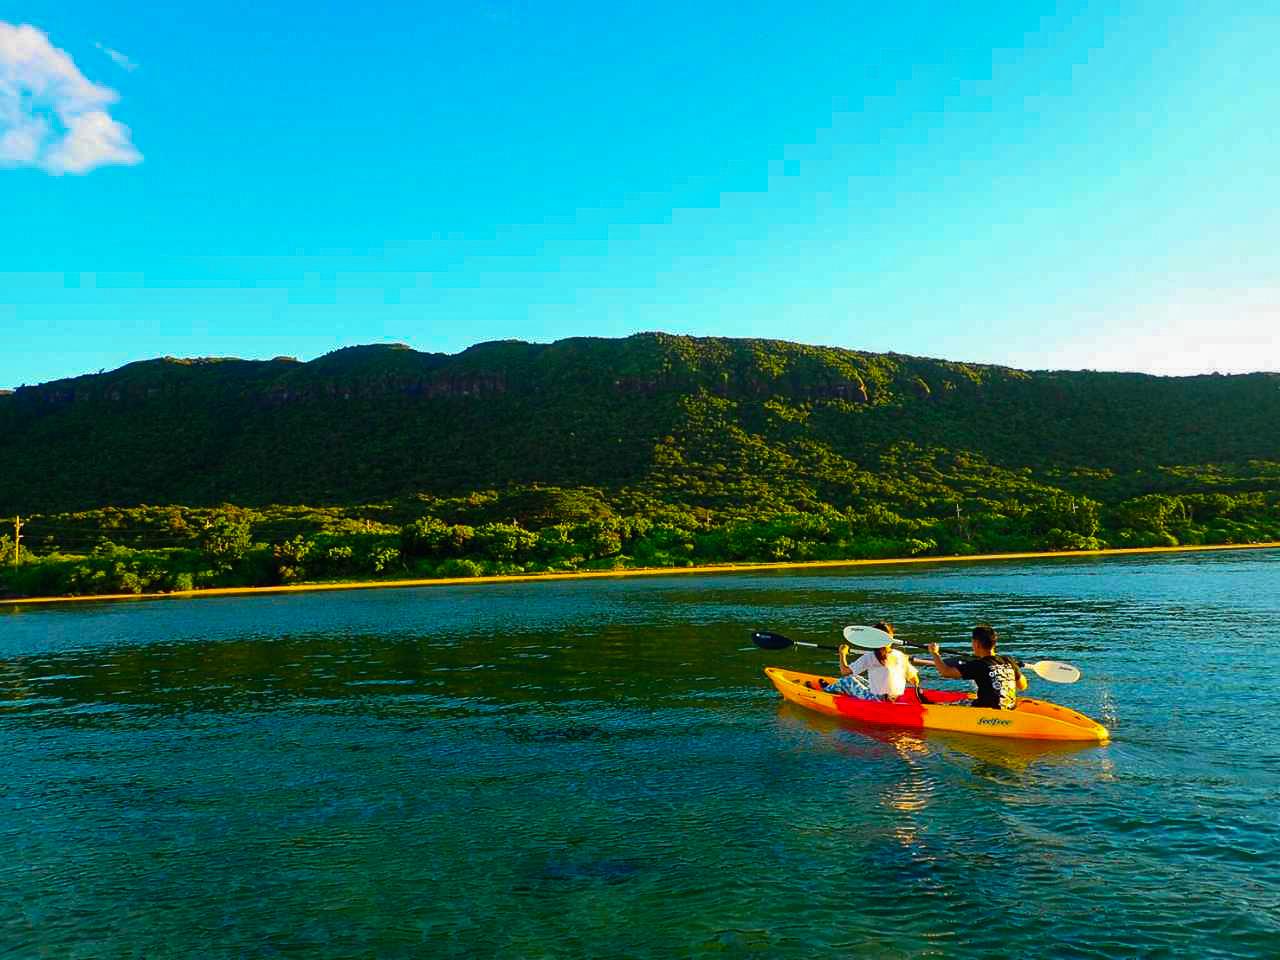 日本に17か所しかないミシュラン・グリーンガイド3つ星の川平湾でのカヌークルーズツアー